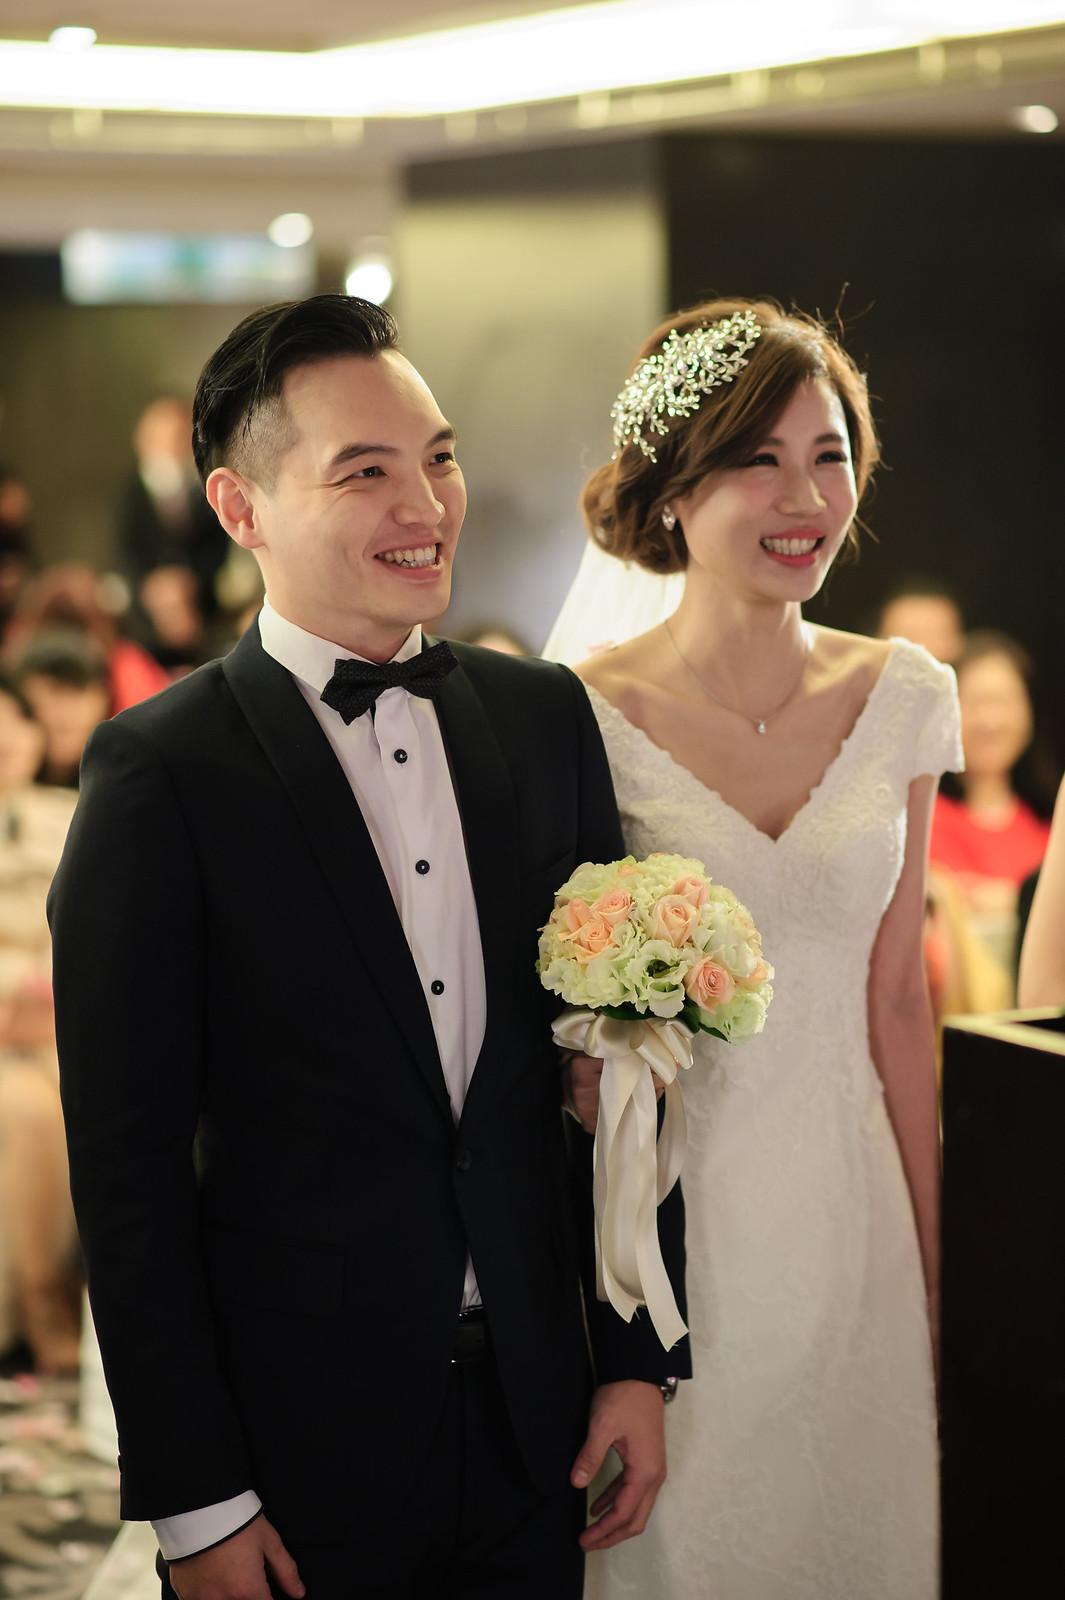 台北婚攝, 婚禮攝影, 婚攝, 婚攝守恆, 婚攝推薦, 晶華酒店, 晶華酒店婚宴, 晶華酒店婚攝-35